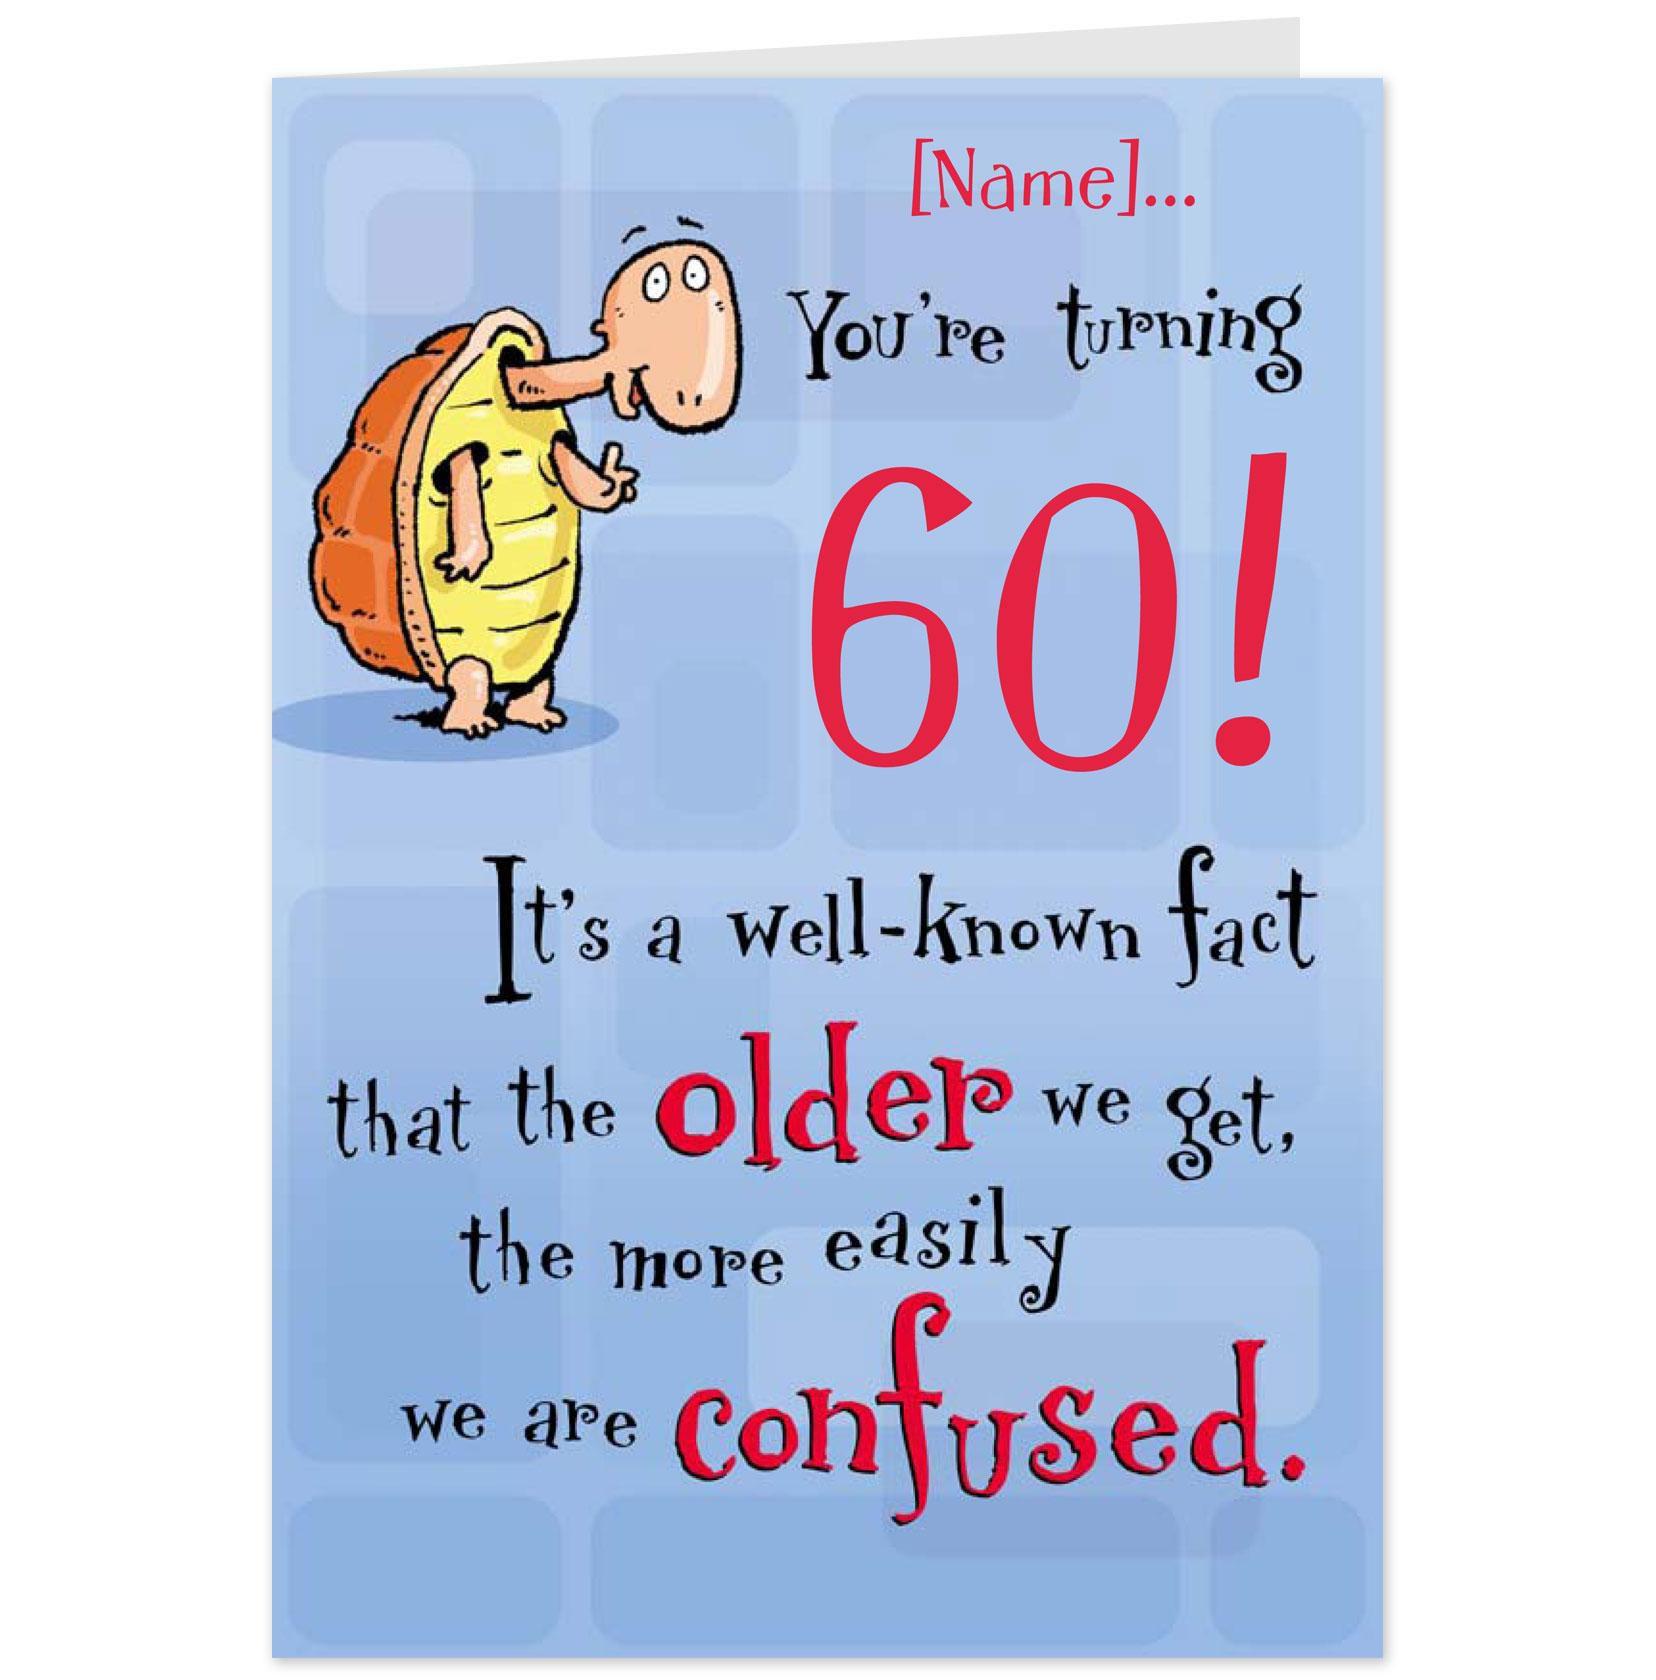 Lustige Geschenke Zum 60. Geburtstag Für Männer  Lustige Sprüche Zum 60 Geburtstag Frau